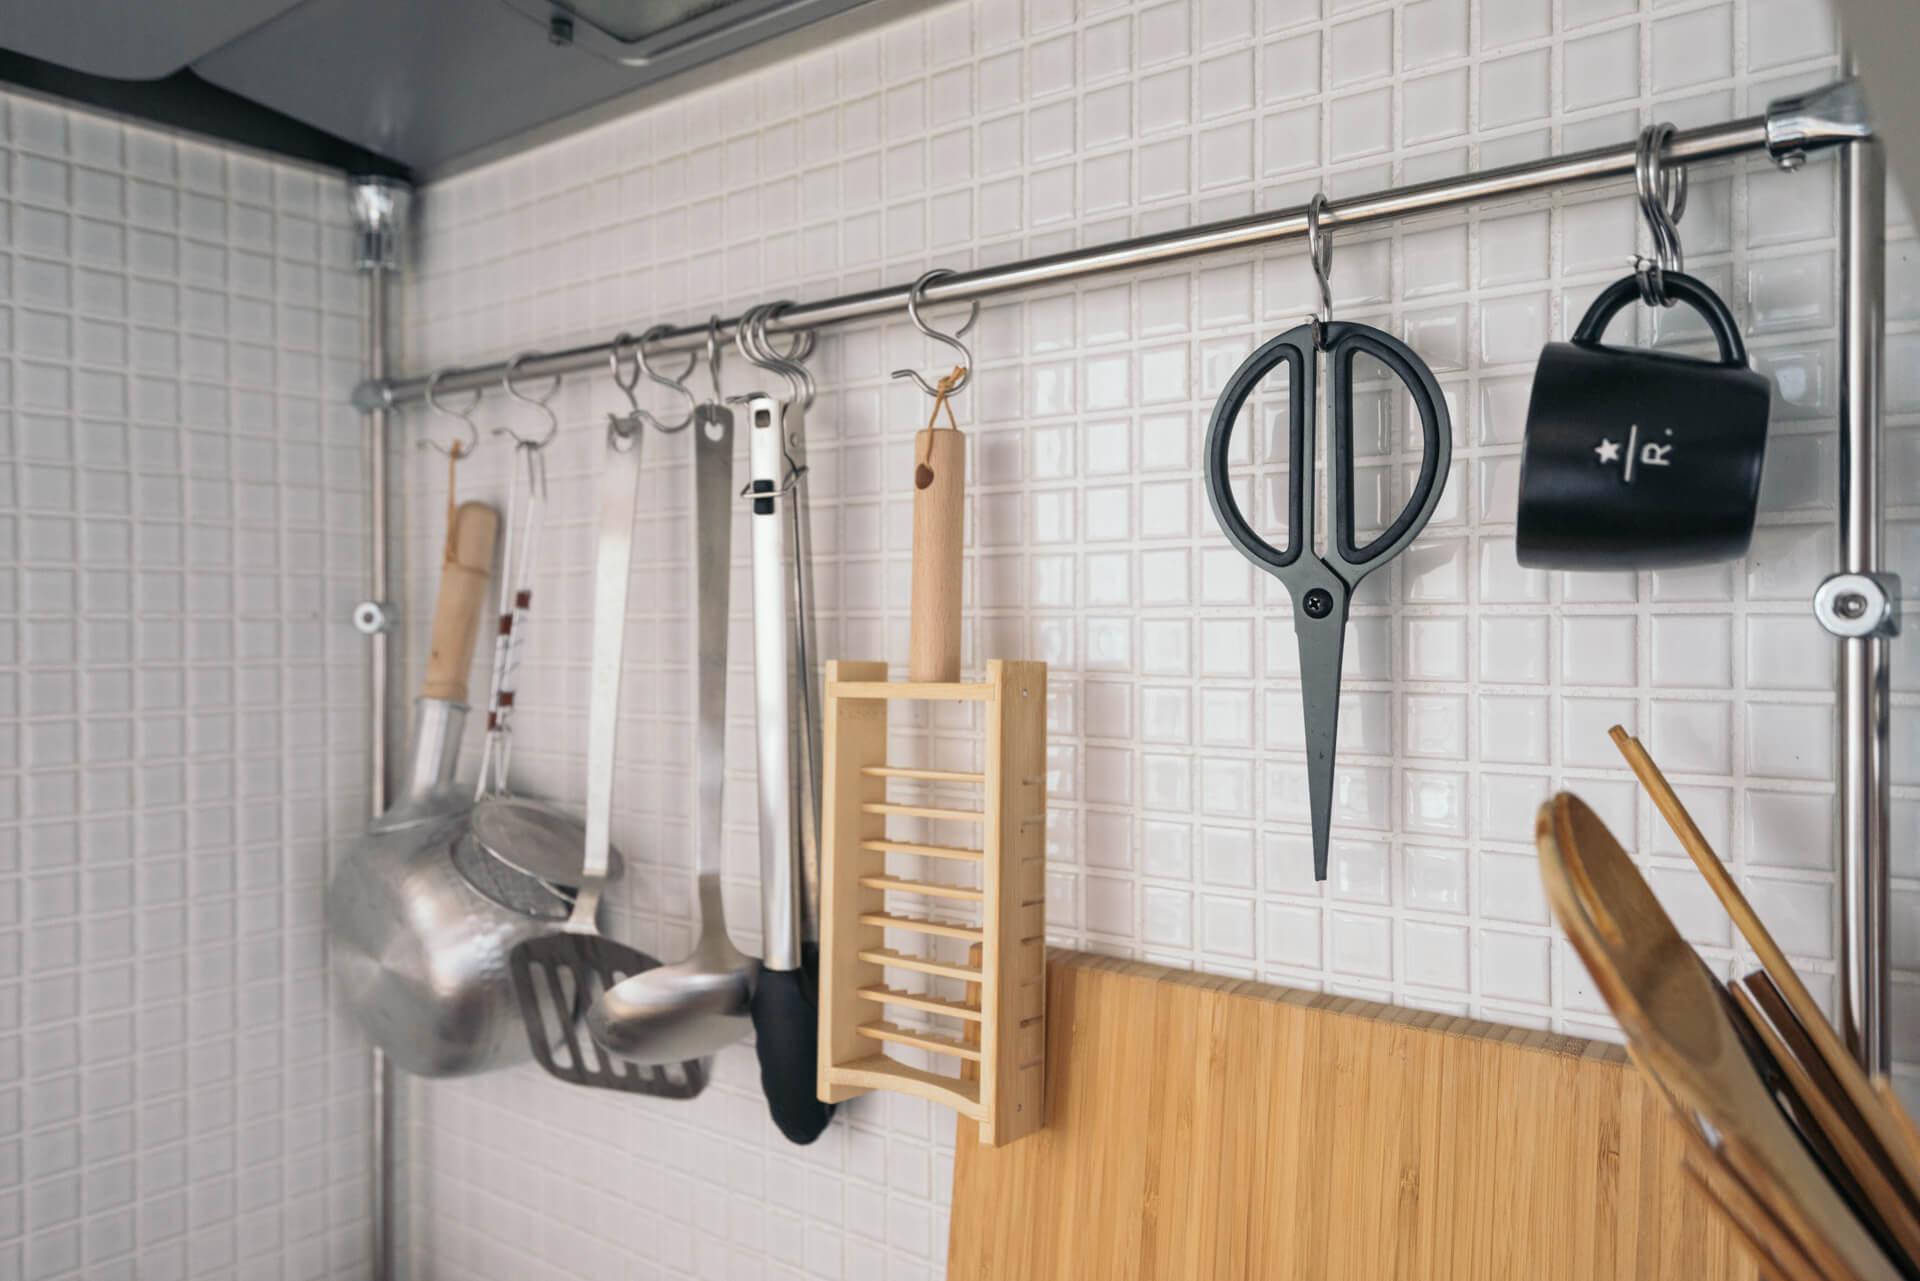 キッチン左側の吊るす収納は、つっぱるタイプのものを取り付けました。たくさんかけて、見せてあっても、素材や色がそろっているのでごちゃごちゃしません。